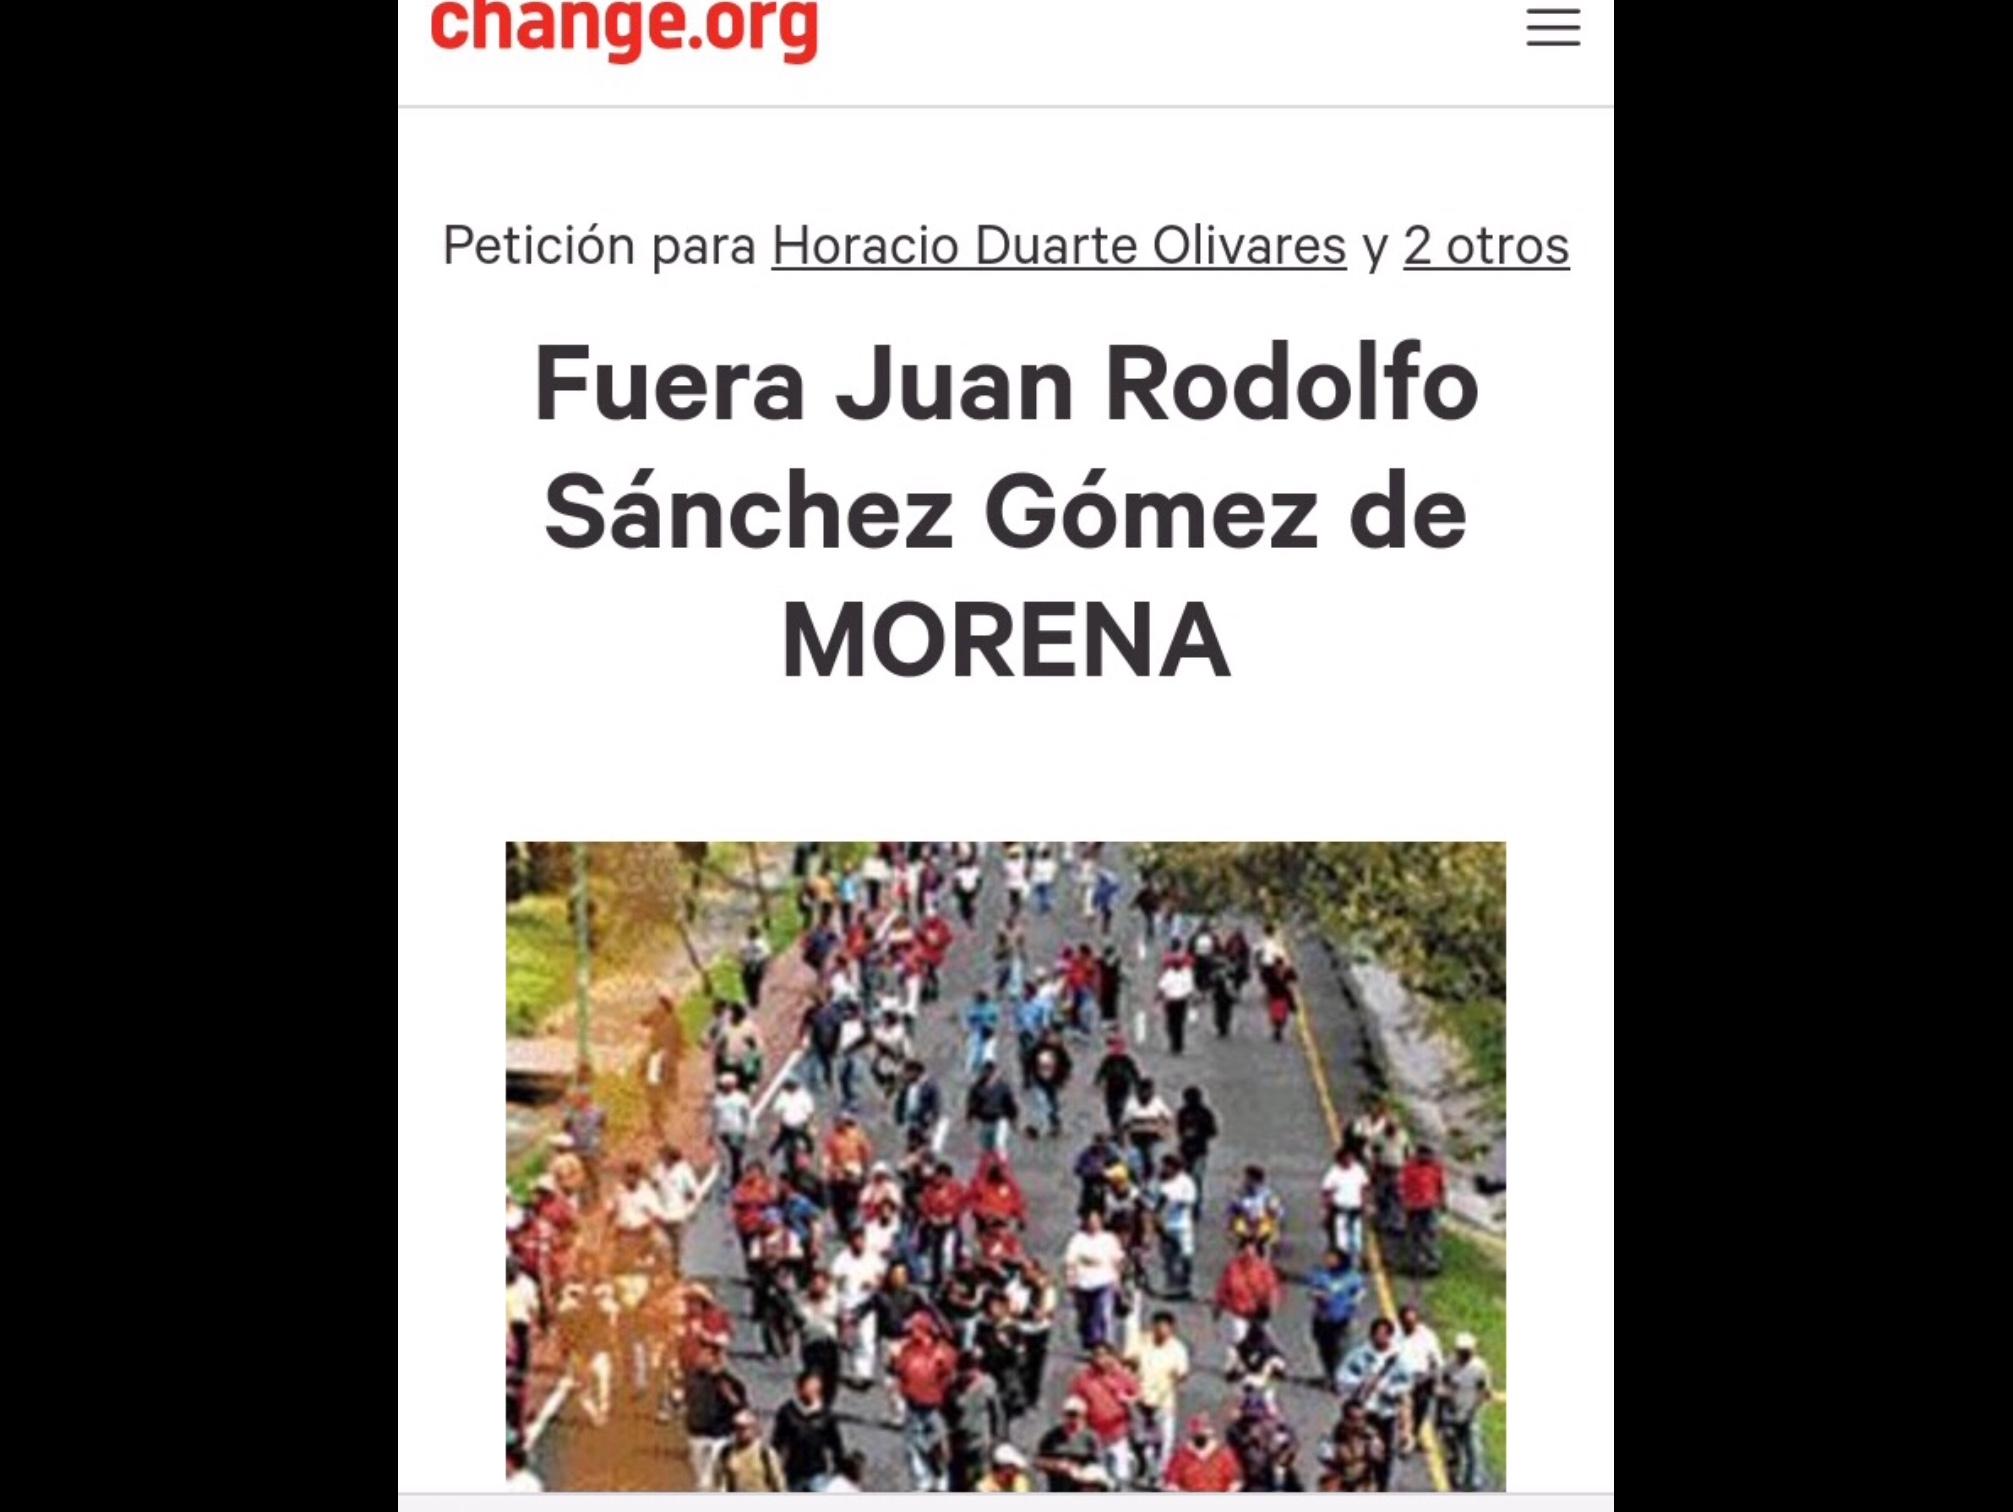 Arrecia descontento en MORENA posible candidatura de JuanRo